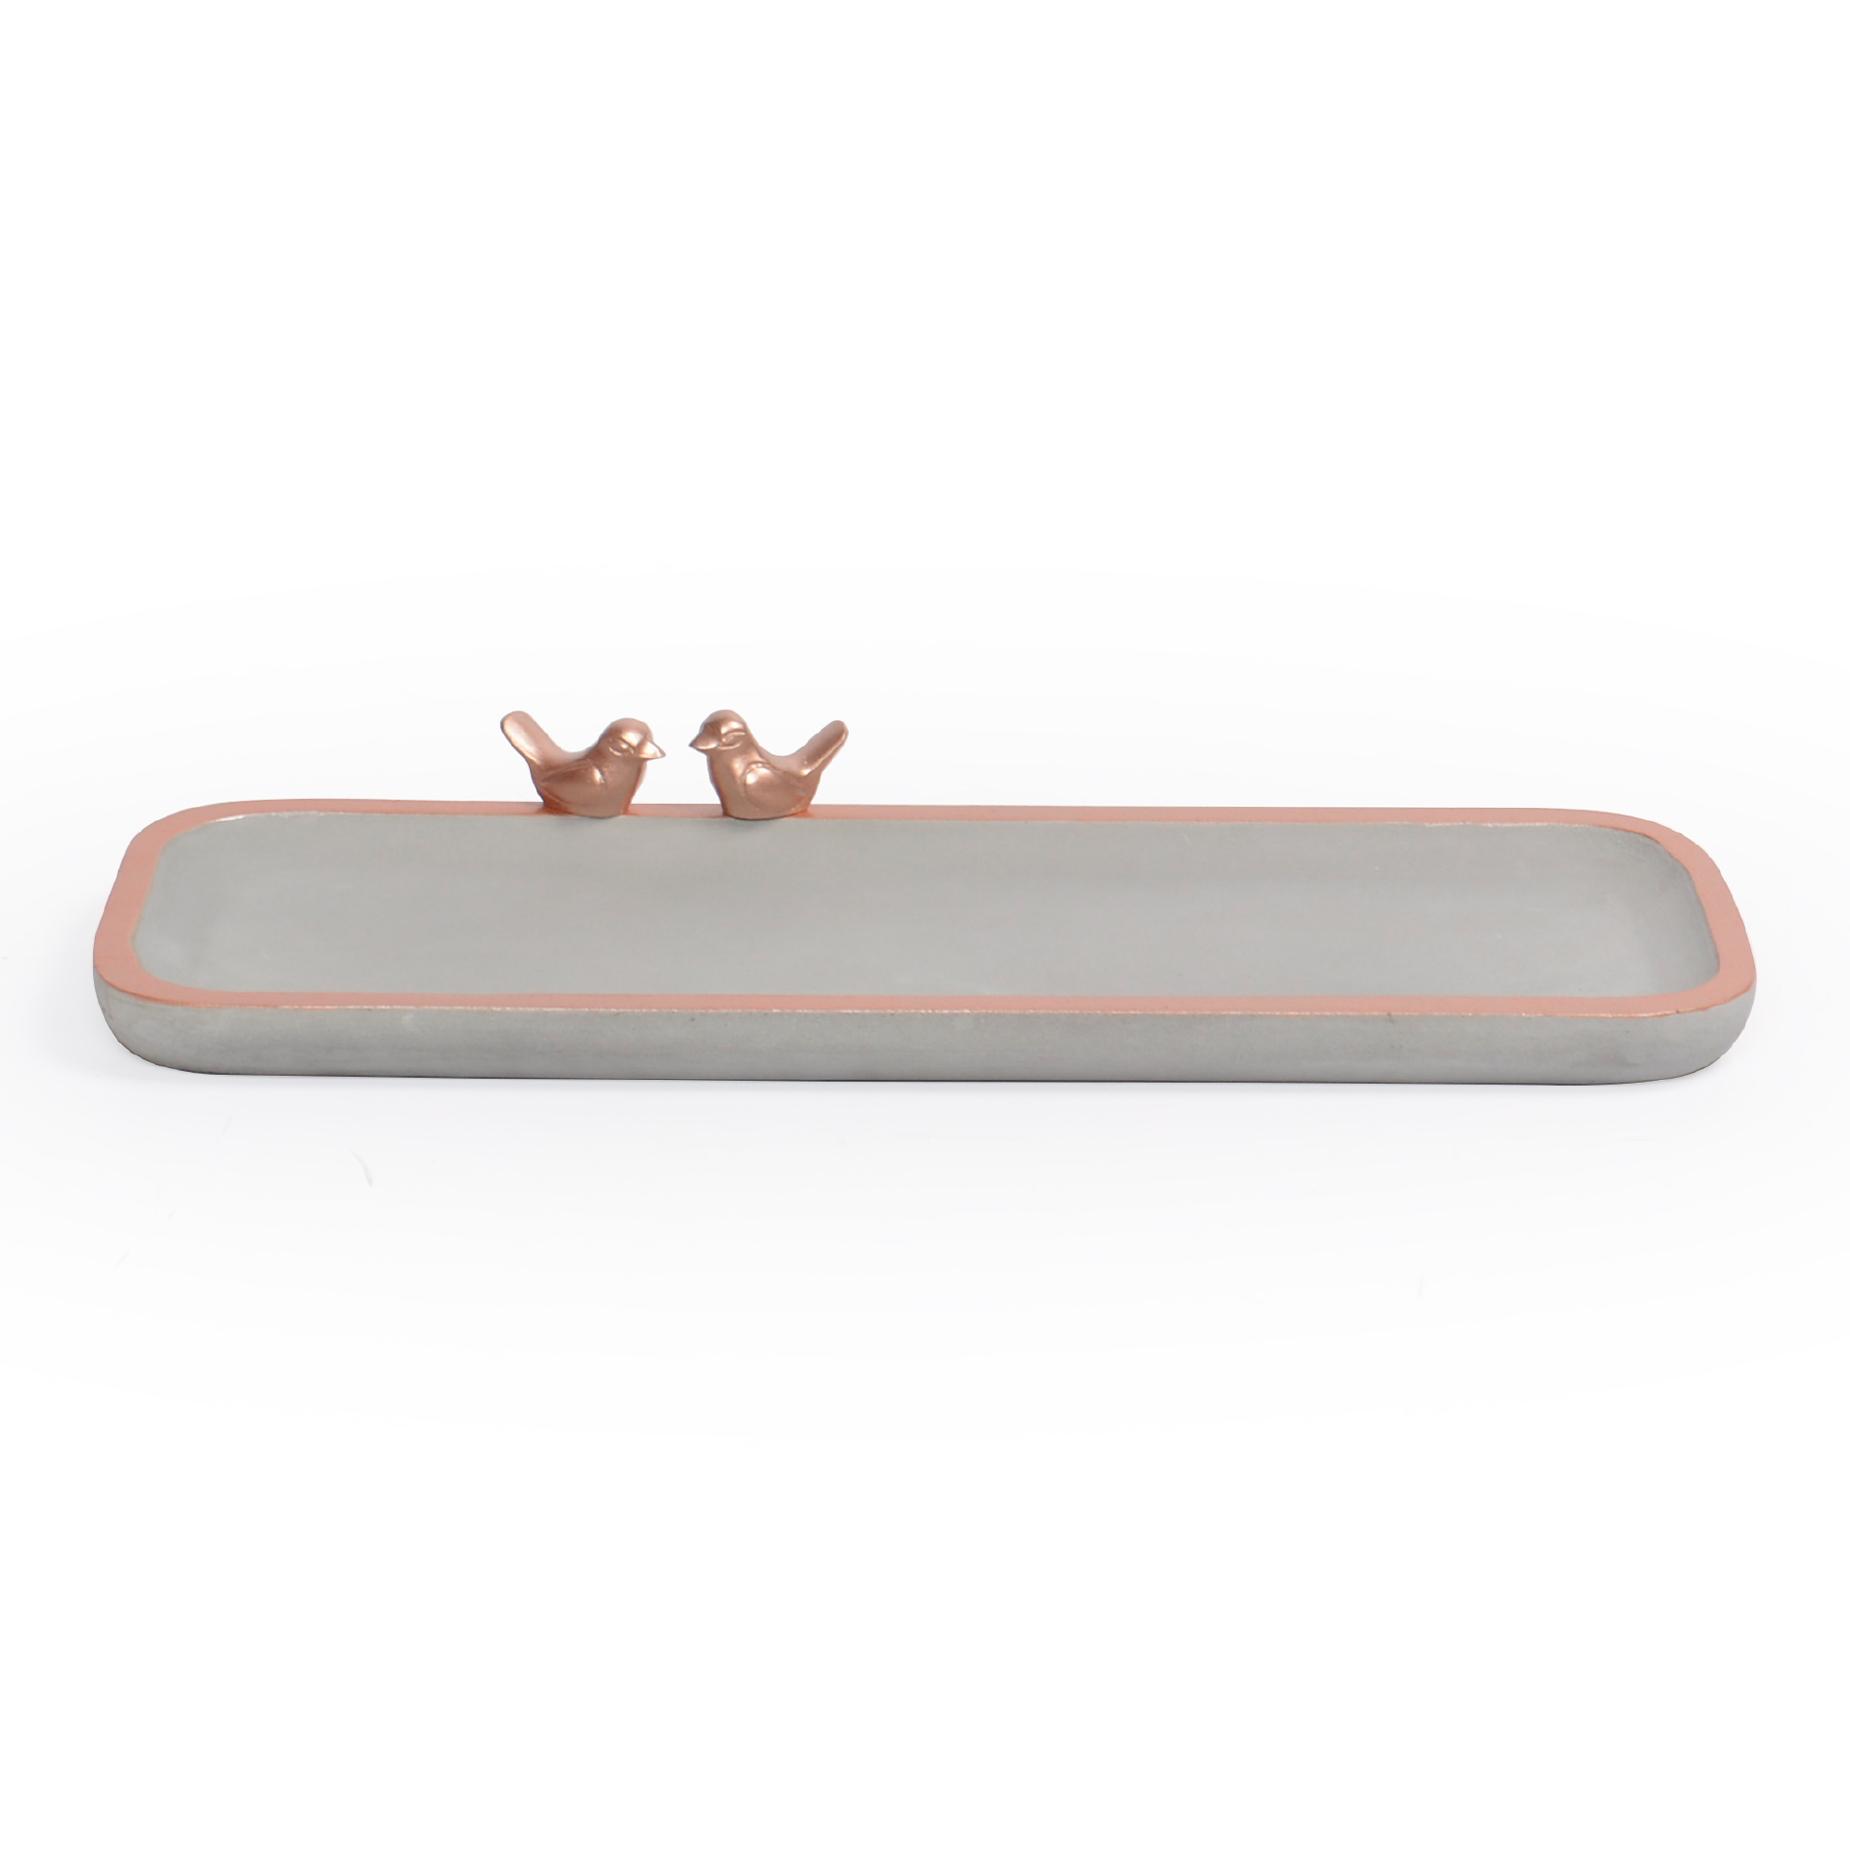 Bandeja retangular Ovalada de concreto com borda Cobre e Pássaro